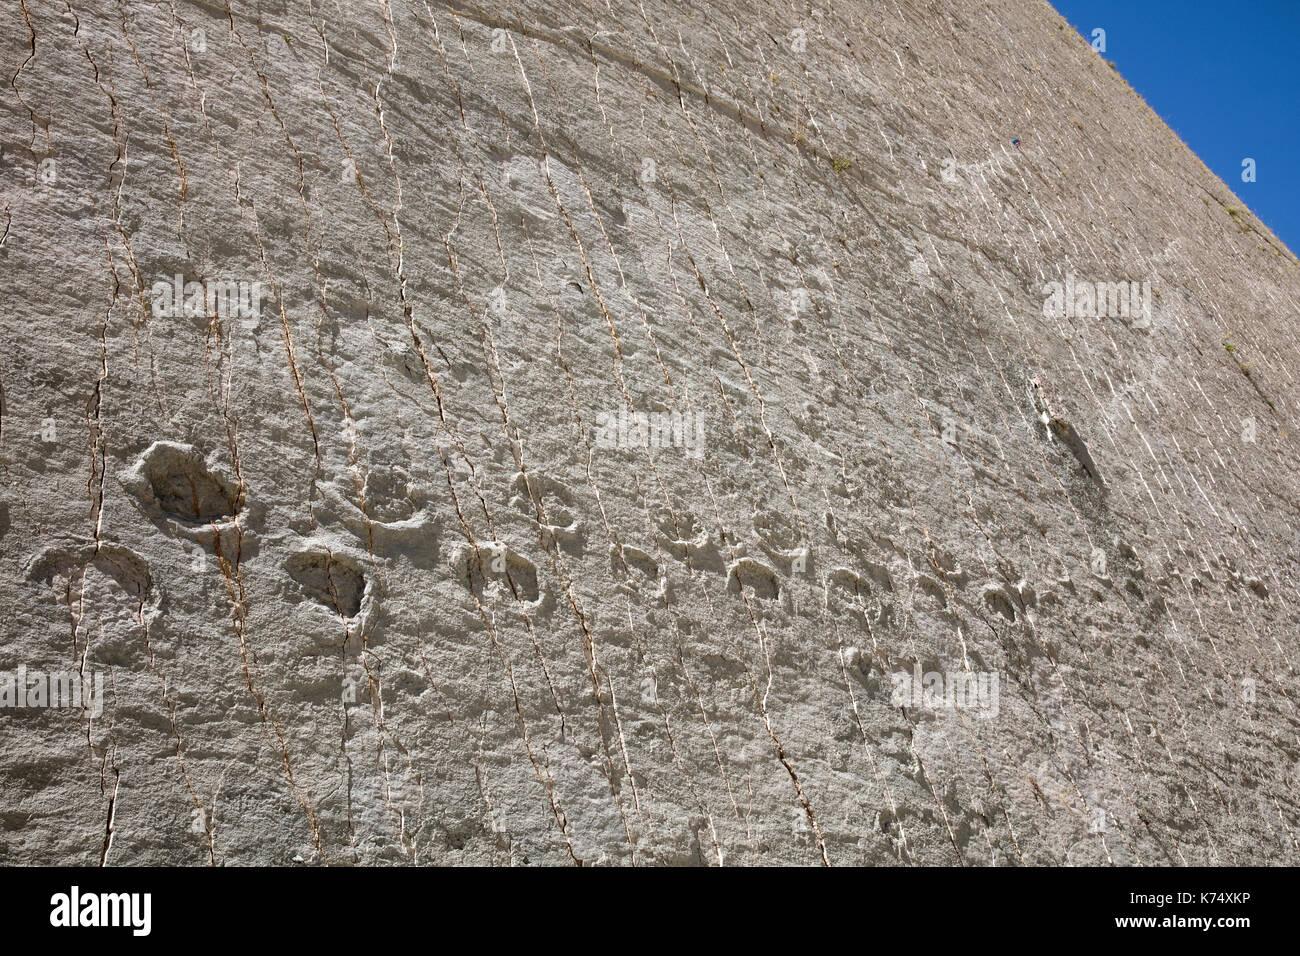 Huellas de dinosaurios del Cretácico tardío / Maastrichtiano en el Cal orck'o acantilado en el parque cretácico / Parque Cretácico, Sucre, Bolivia Imagen De Stock